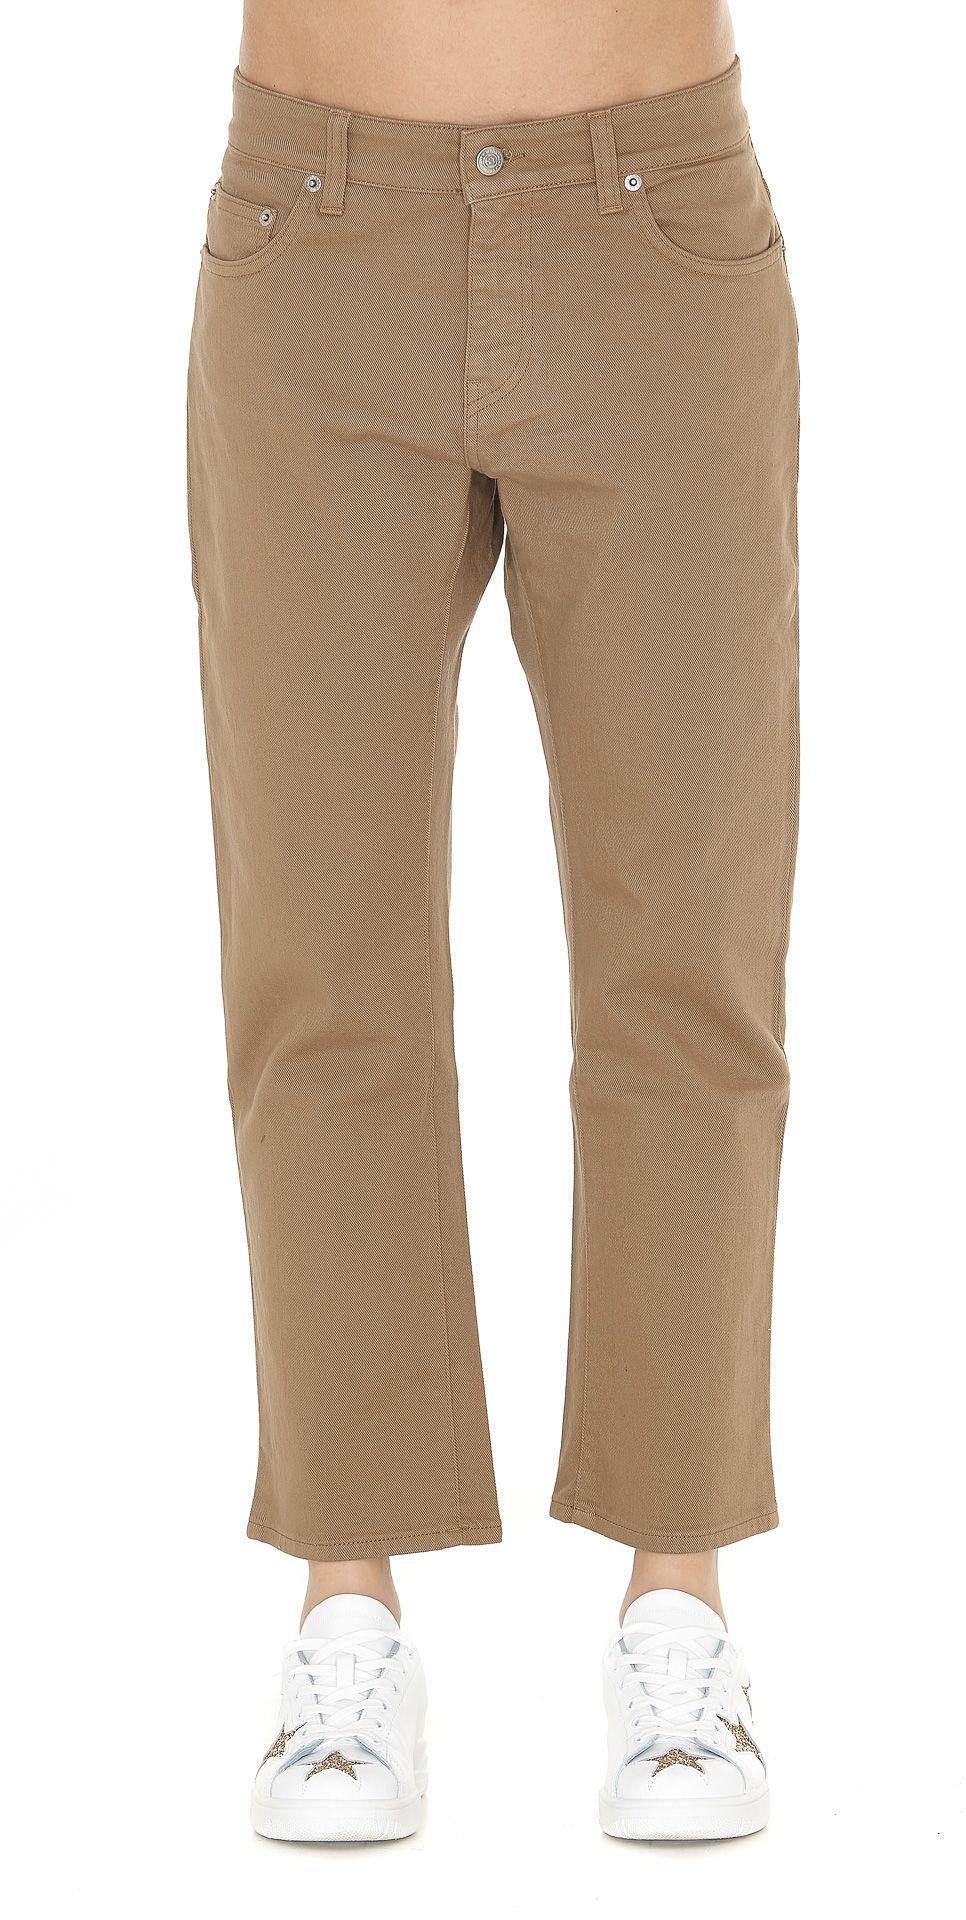 Department 5 Tama Trousers